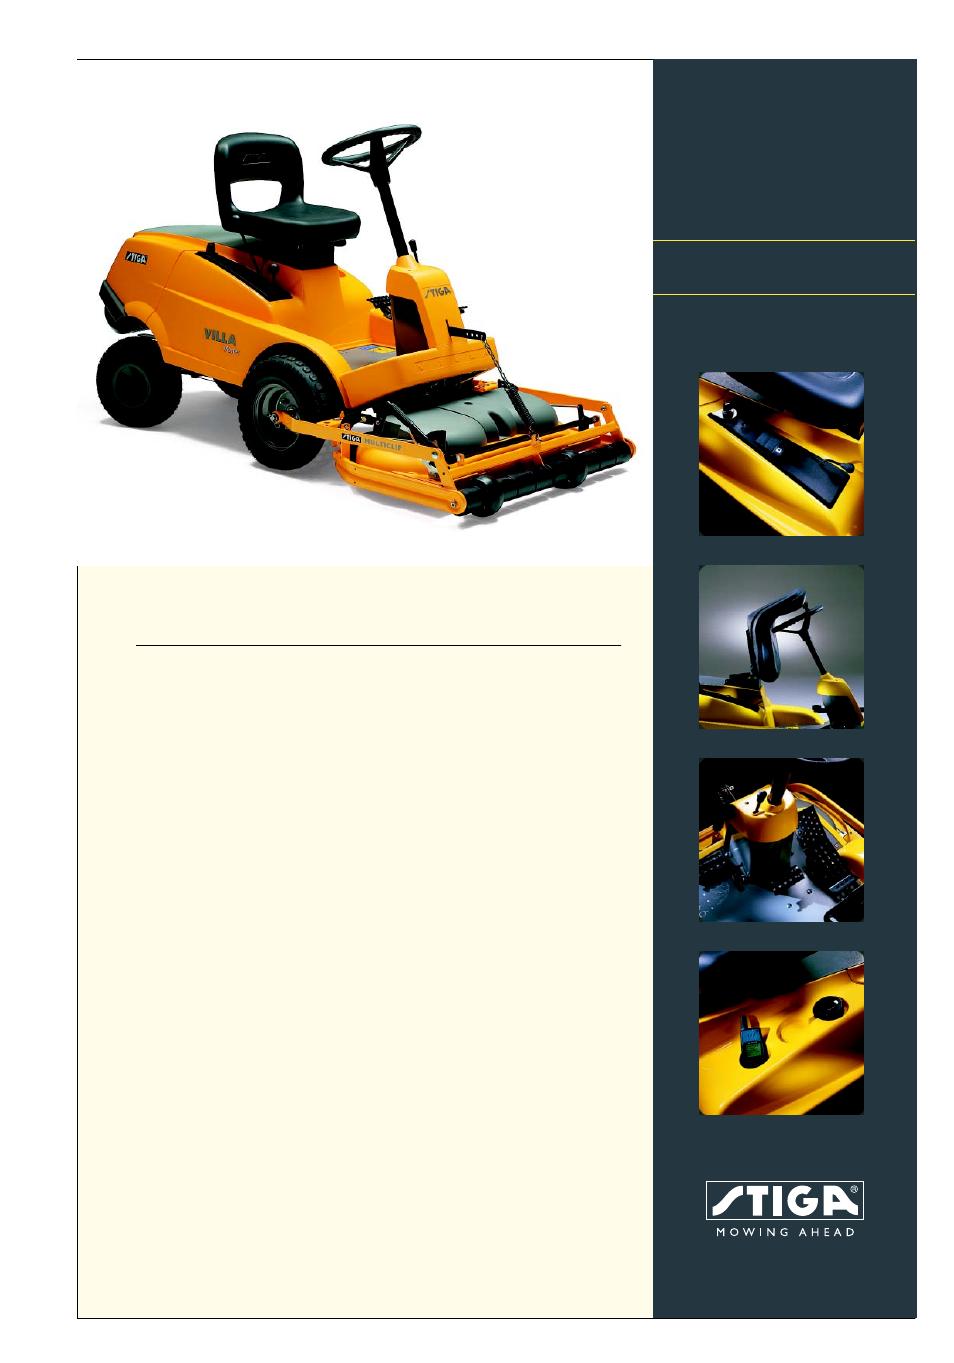 stiga villa master 13 2721 13 user manual 2 pages rh manualsdir com stiga villa manual .pdf stiga villa manual 8e